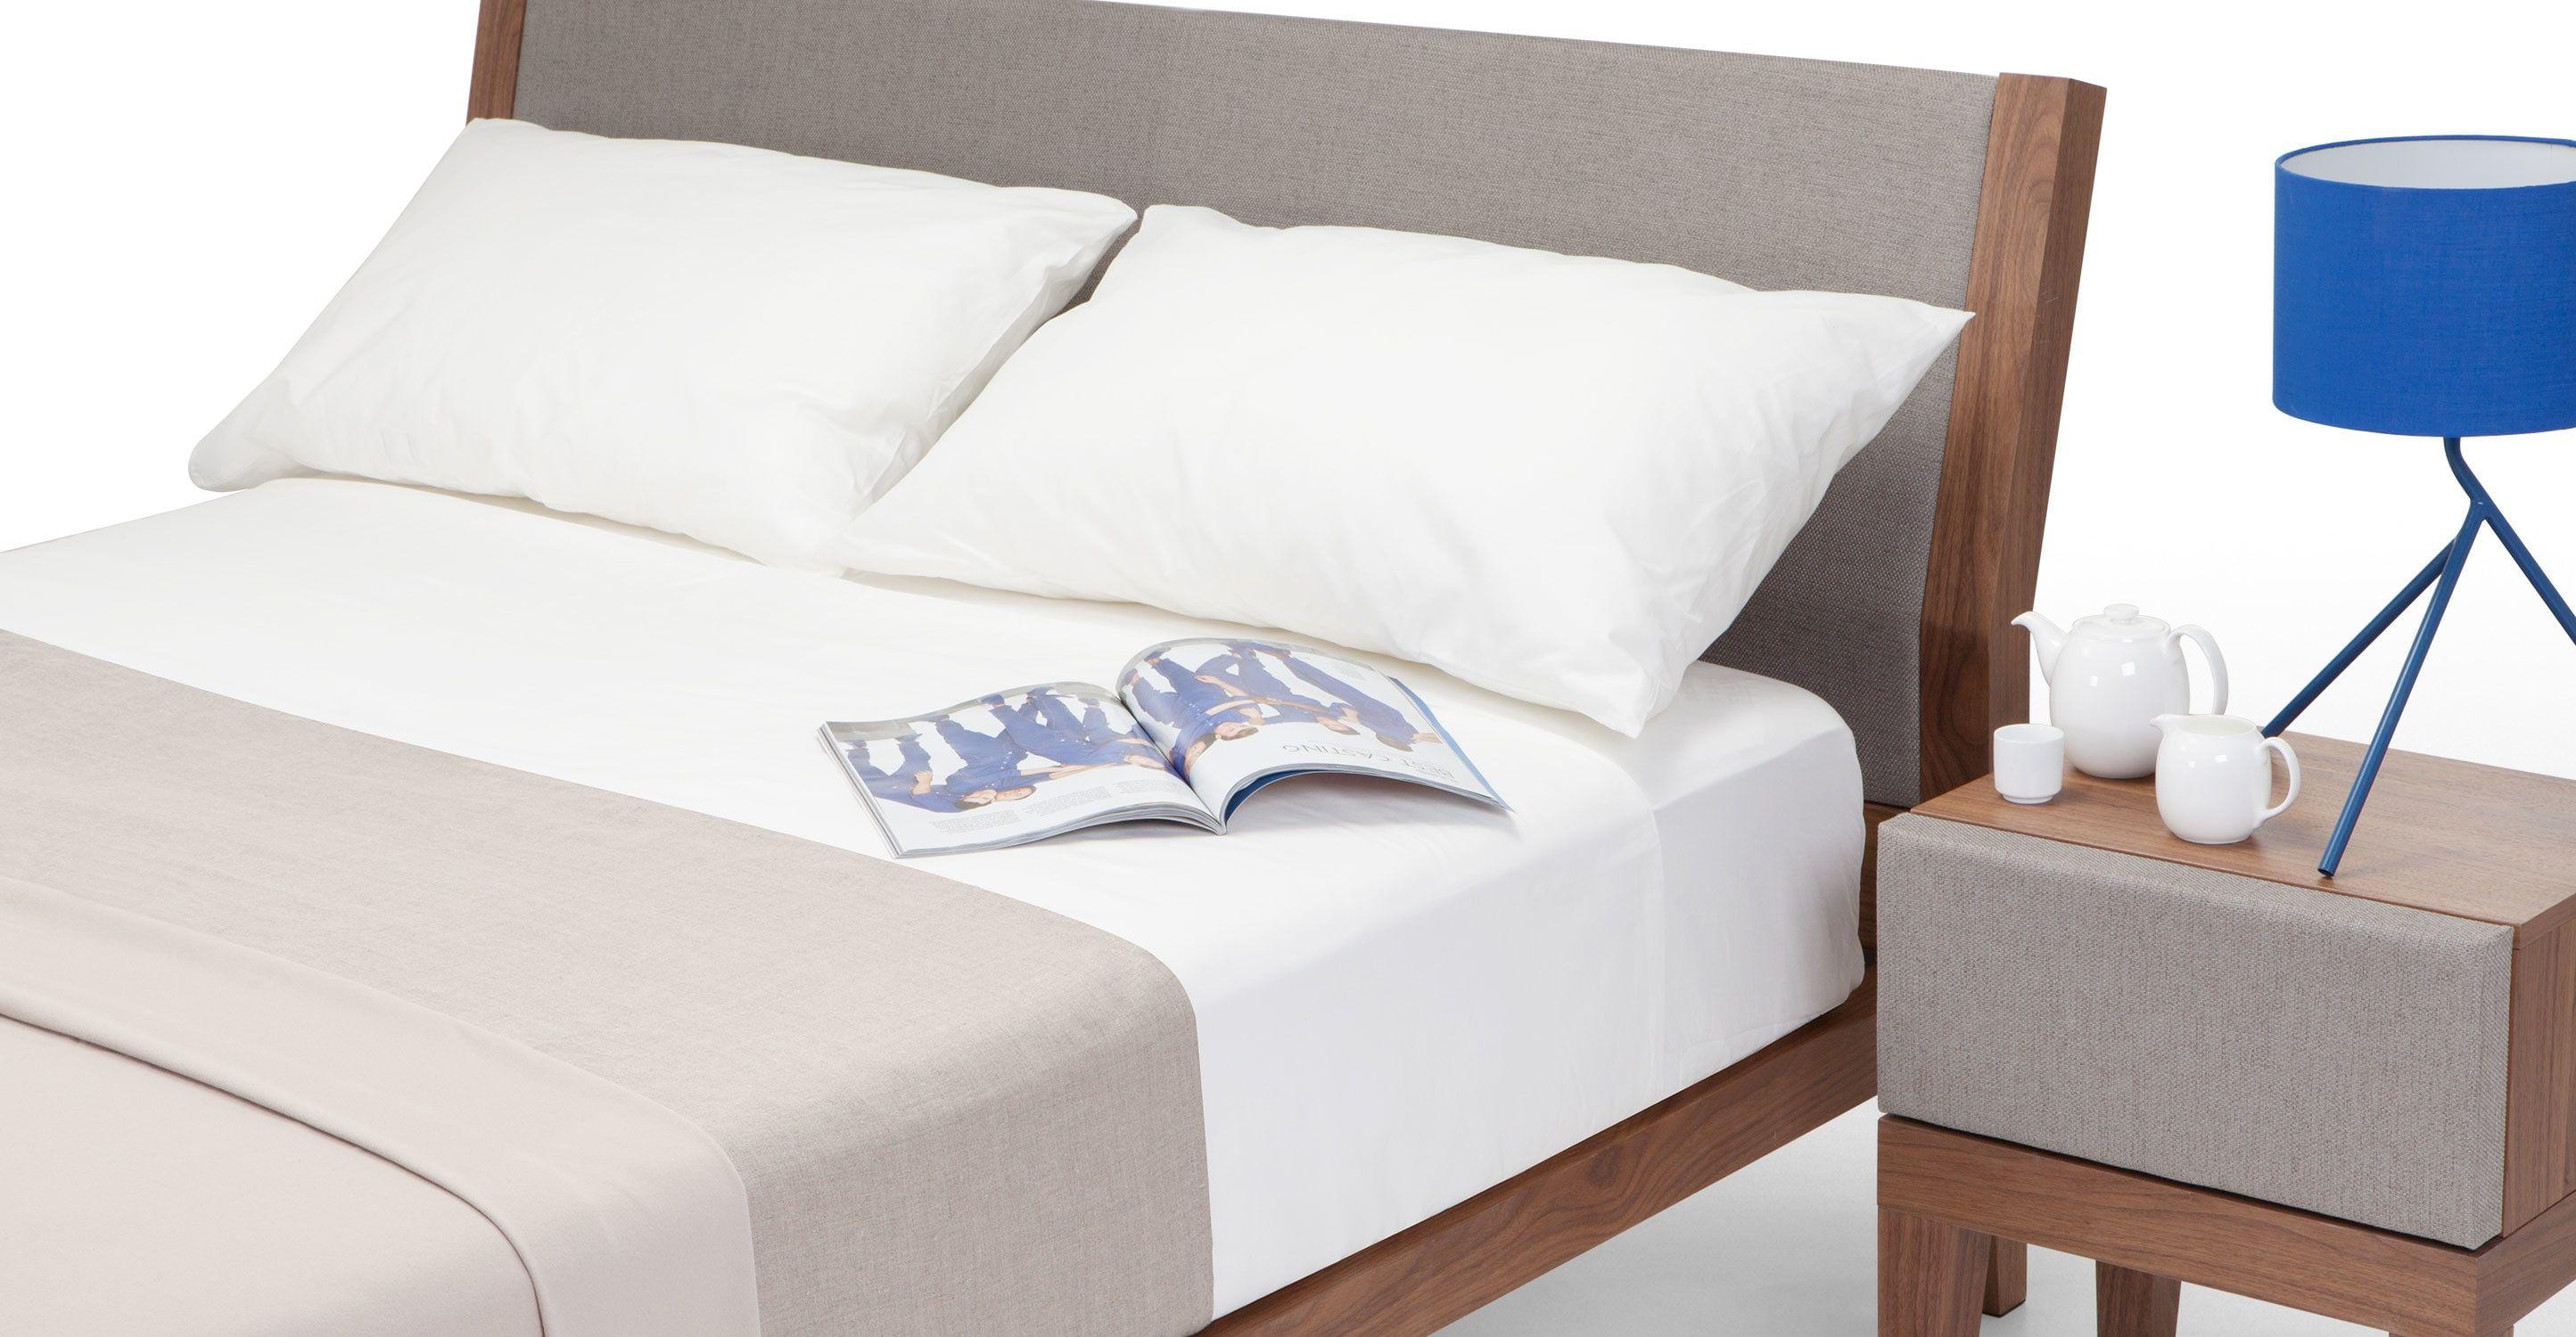 Lansdowne Holzbett 140 X 200 Cm Walnuss Und Fischreihergrau Bett Ideen Doppelbetten Und Bett